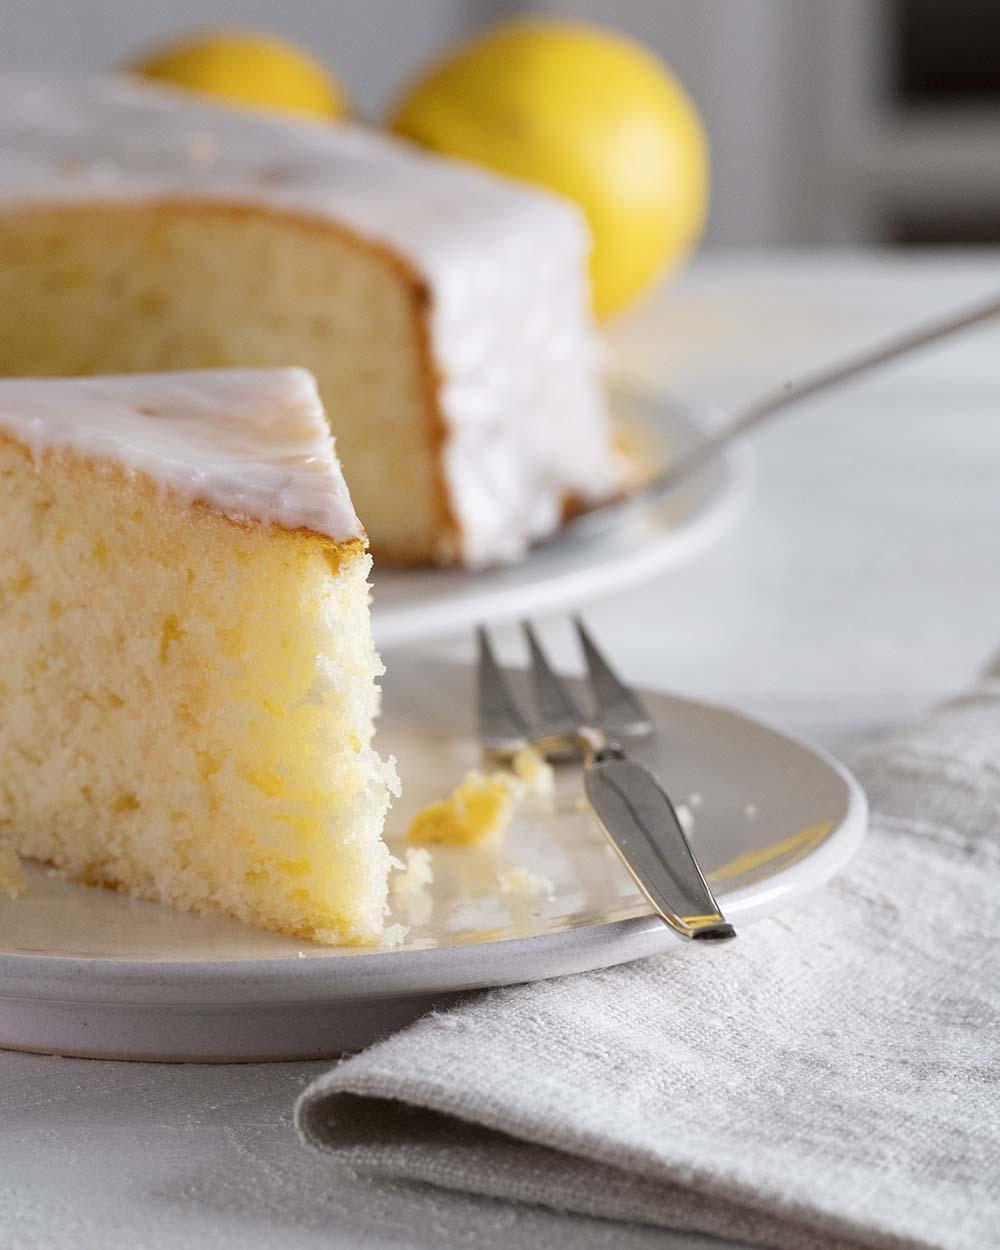 Im Vordergrund ist ein Stück Zitronenkuchen zu sehen. Auf die Spitze fällt Licht und zeigt die schöne gelbe Farbe.